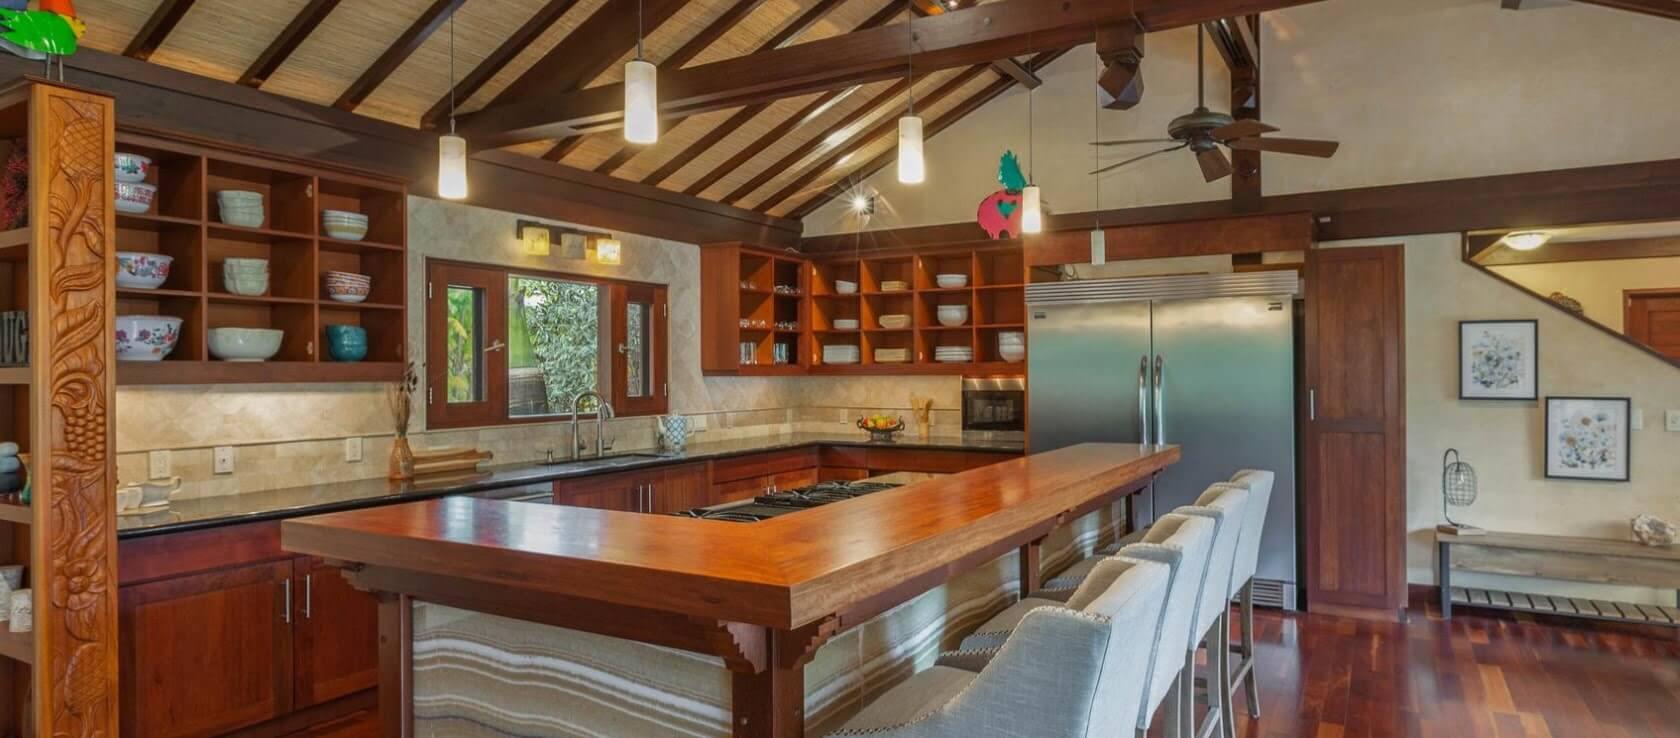 River House – Kauai, Hawaii